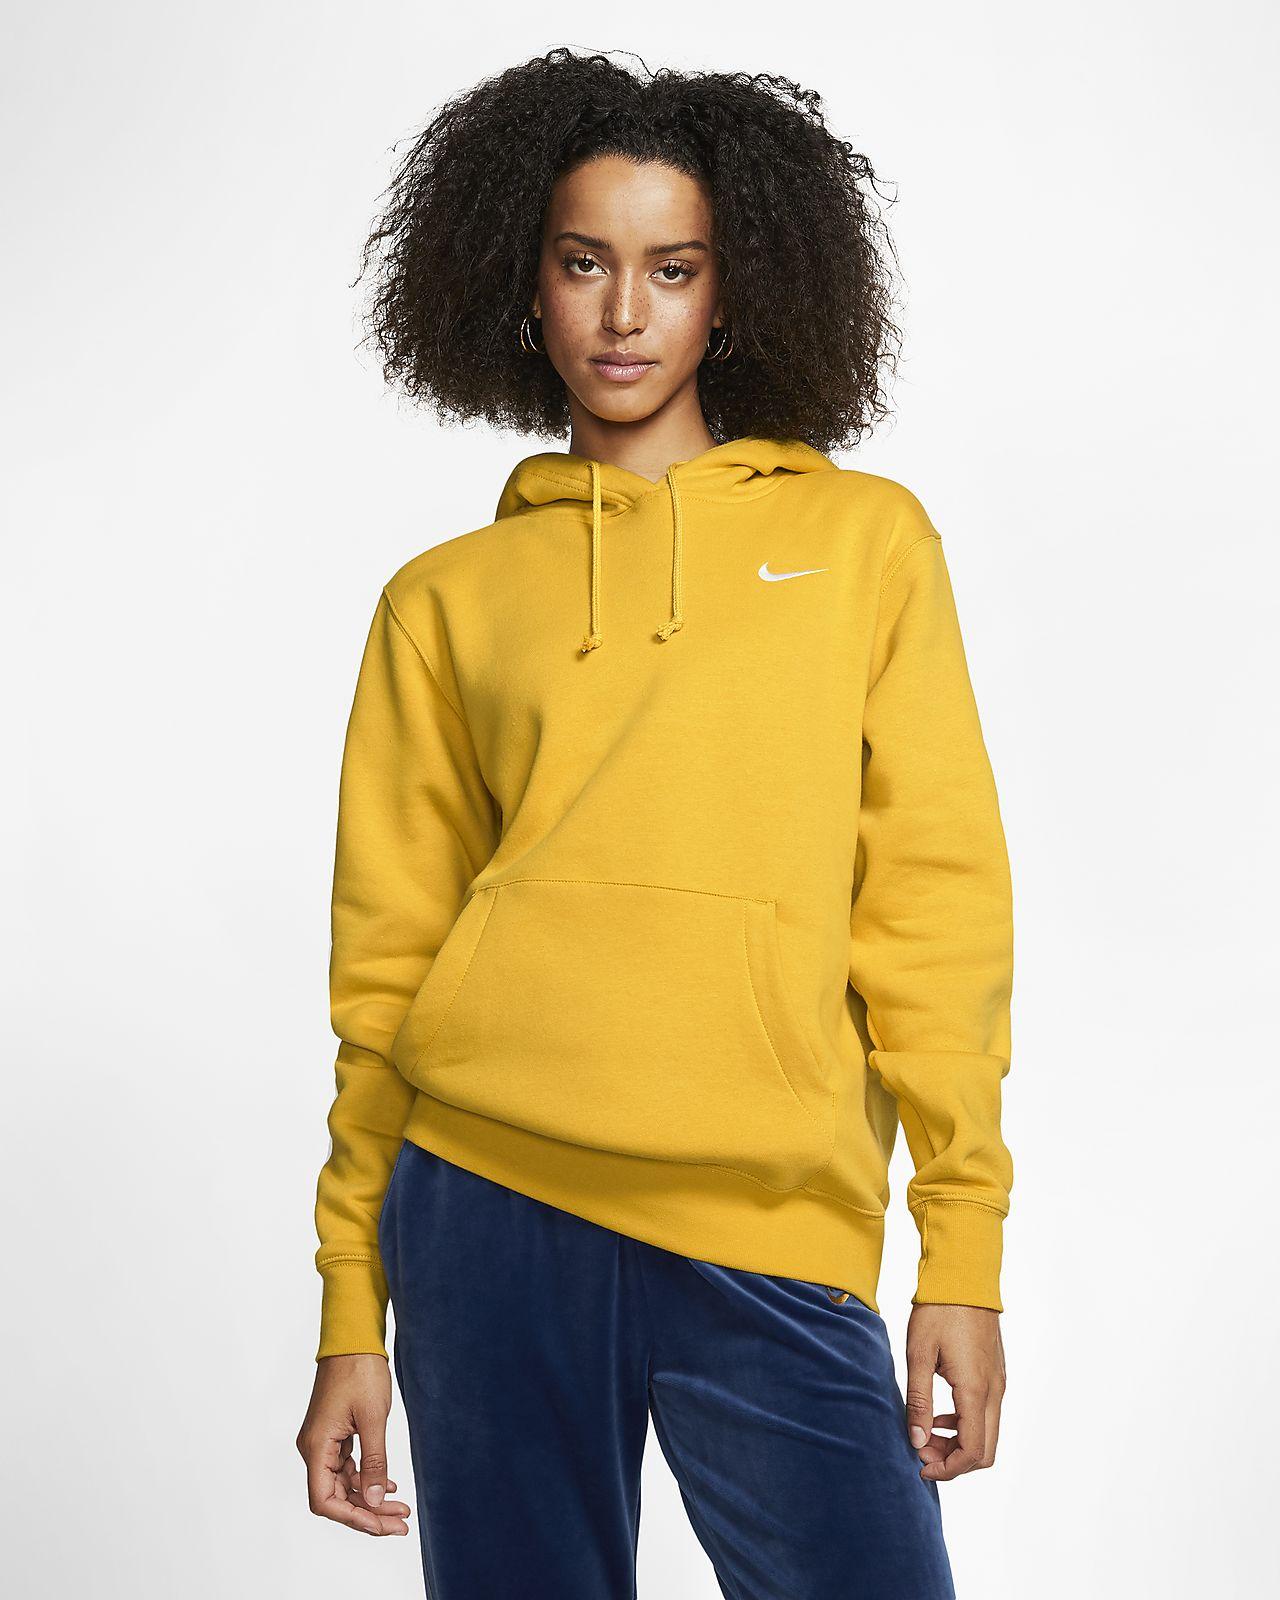 Flísová mikina Nike Sportswear Essential s kapucí